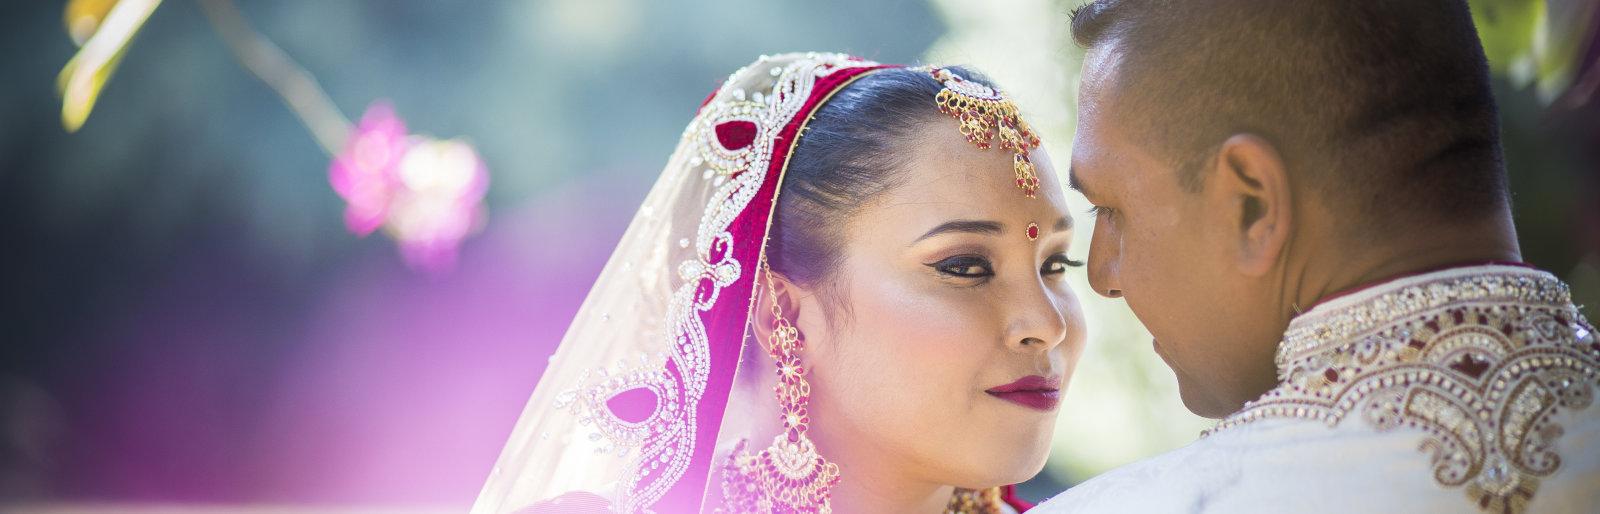 Reshana Singh